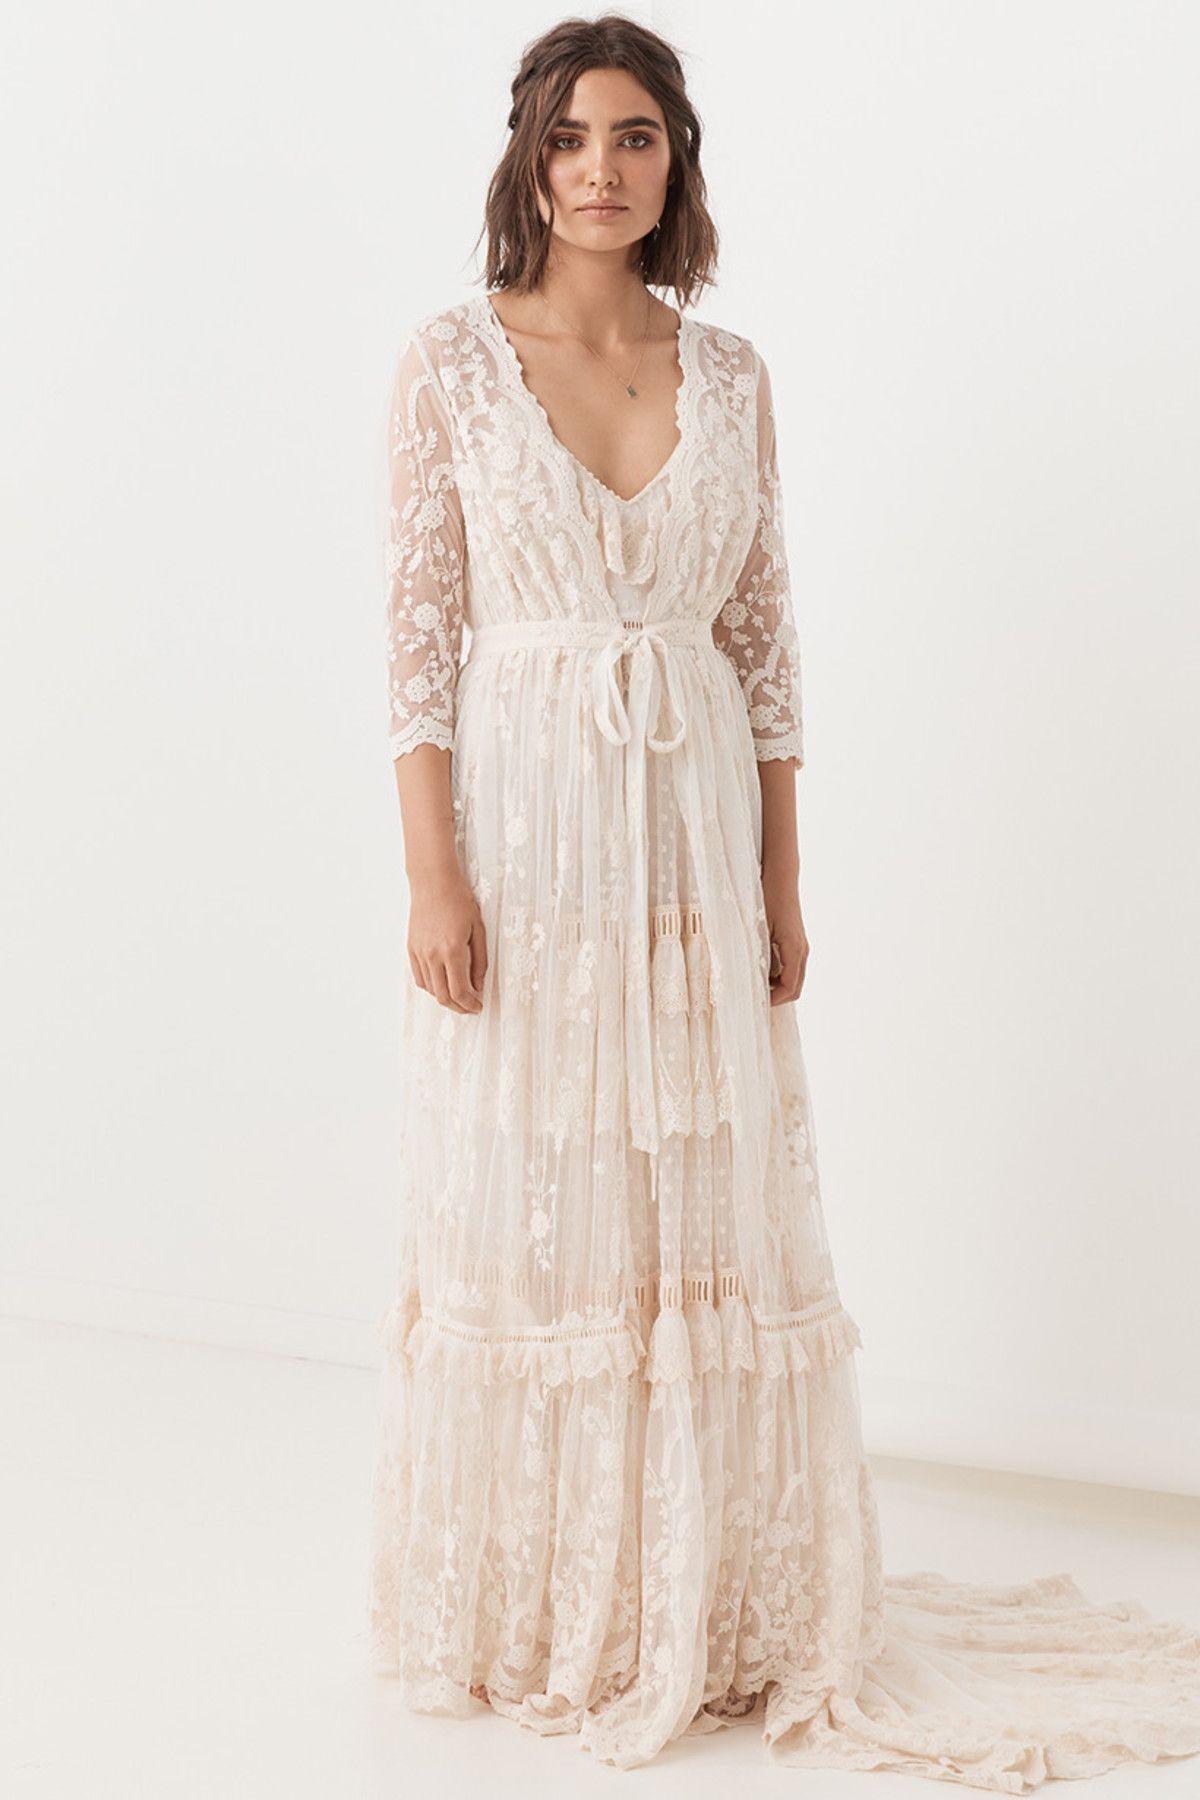 Chloe Duster Spell Usa In 2020 Wedding Dresses Boho Wedding Dress Classic Wedding Dress